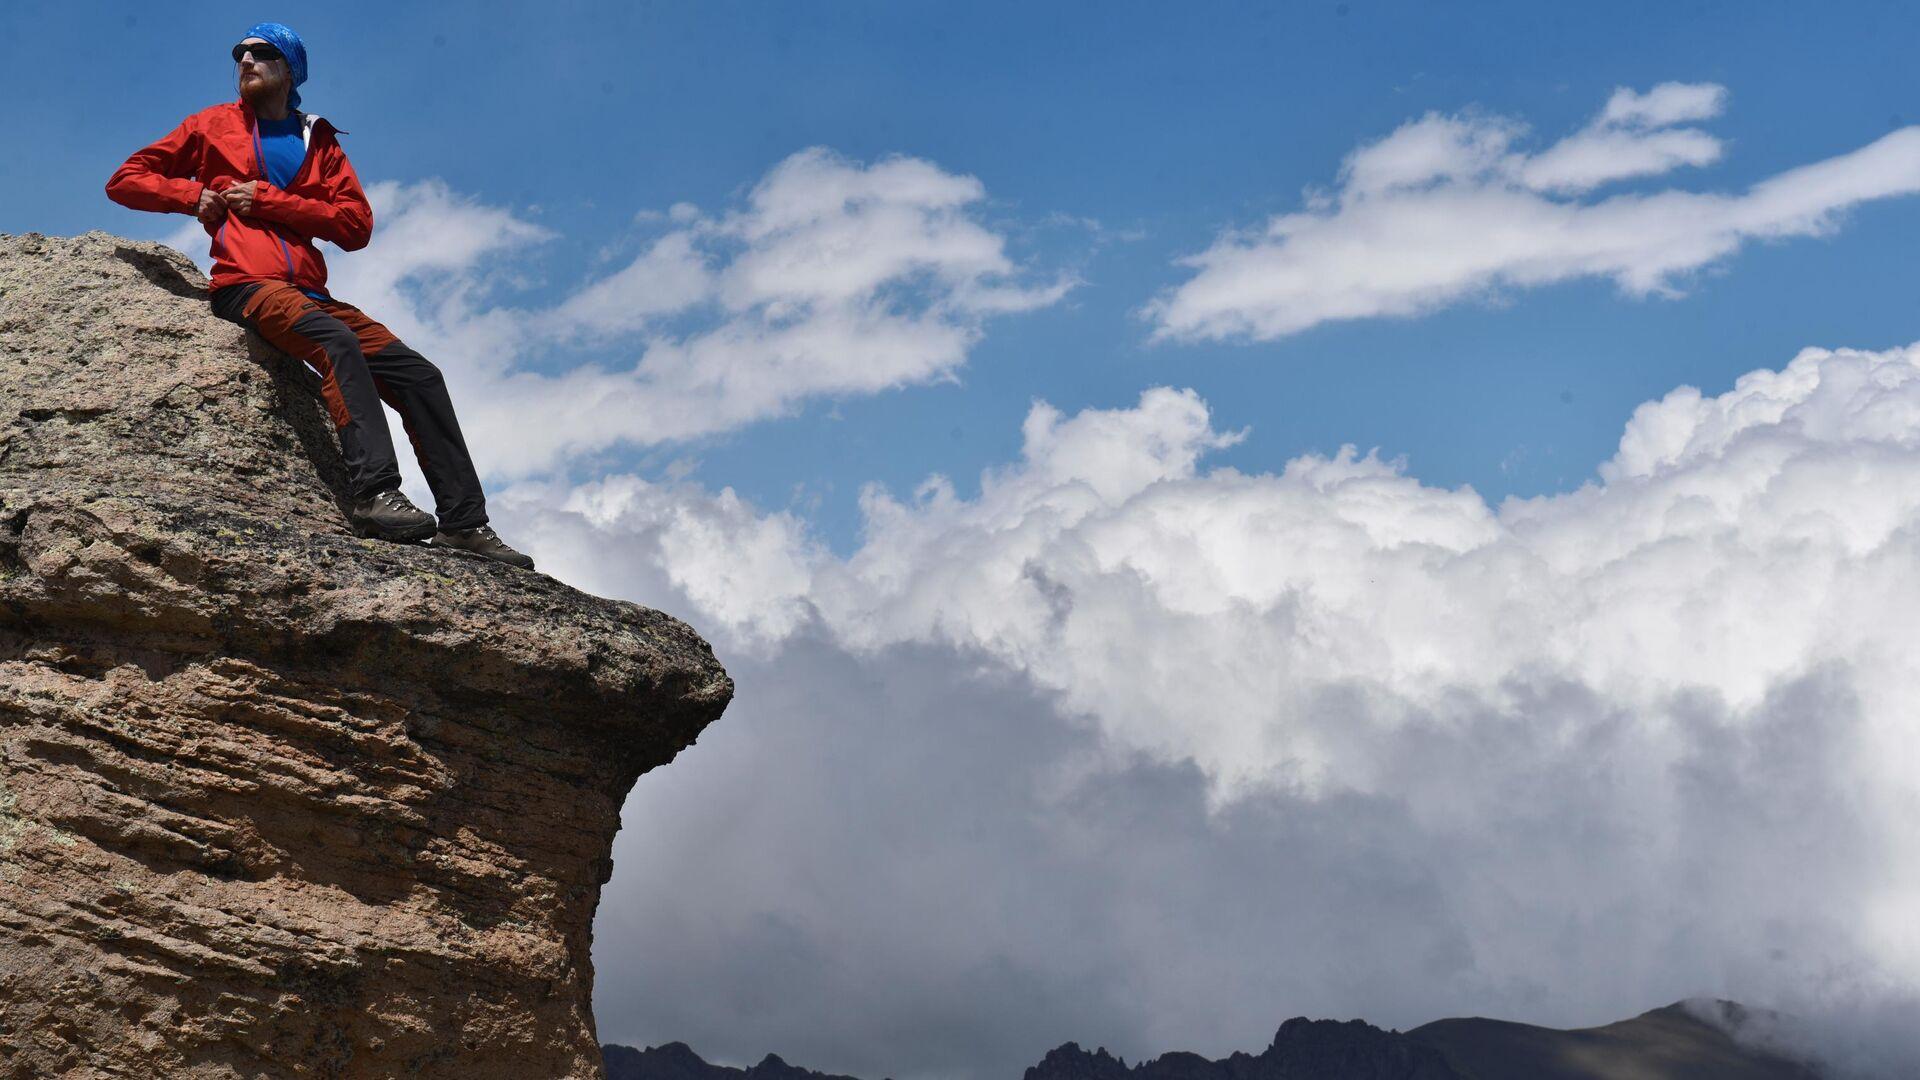 Альпинист на одной из скал во время восхождения на Эльбрус из ущелья Джилы - Су в Кабардино-Балкарии - РИА Новости, 1920, 08.05.2020